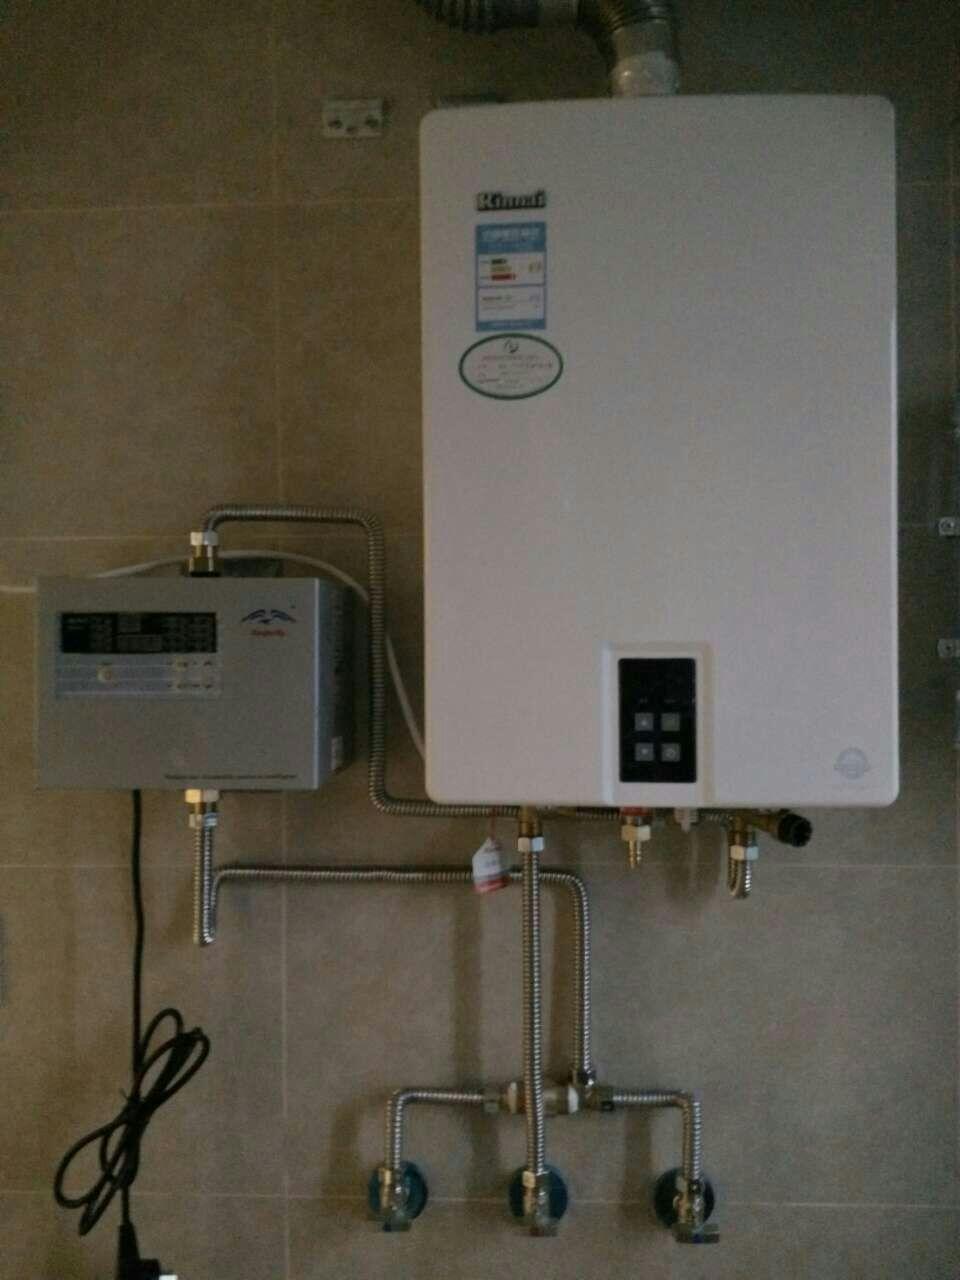 鹰游智能热水器回水装置 大促销,支持依旧换新,让每给图片